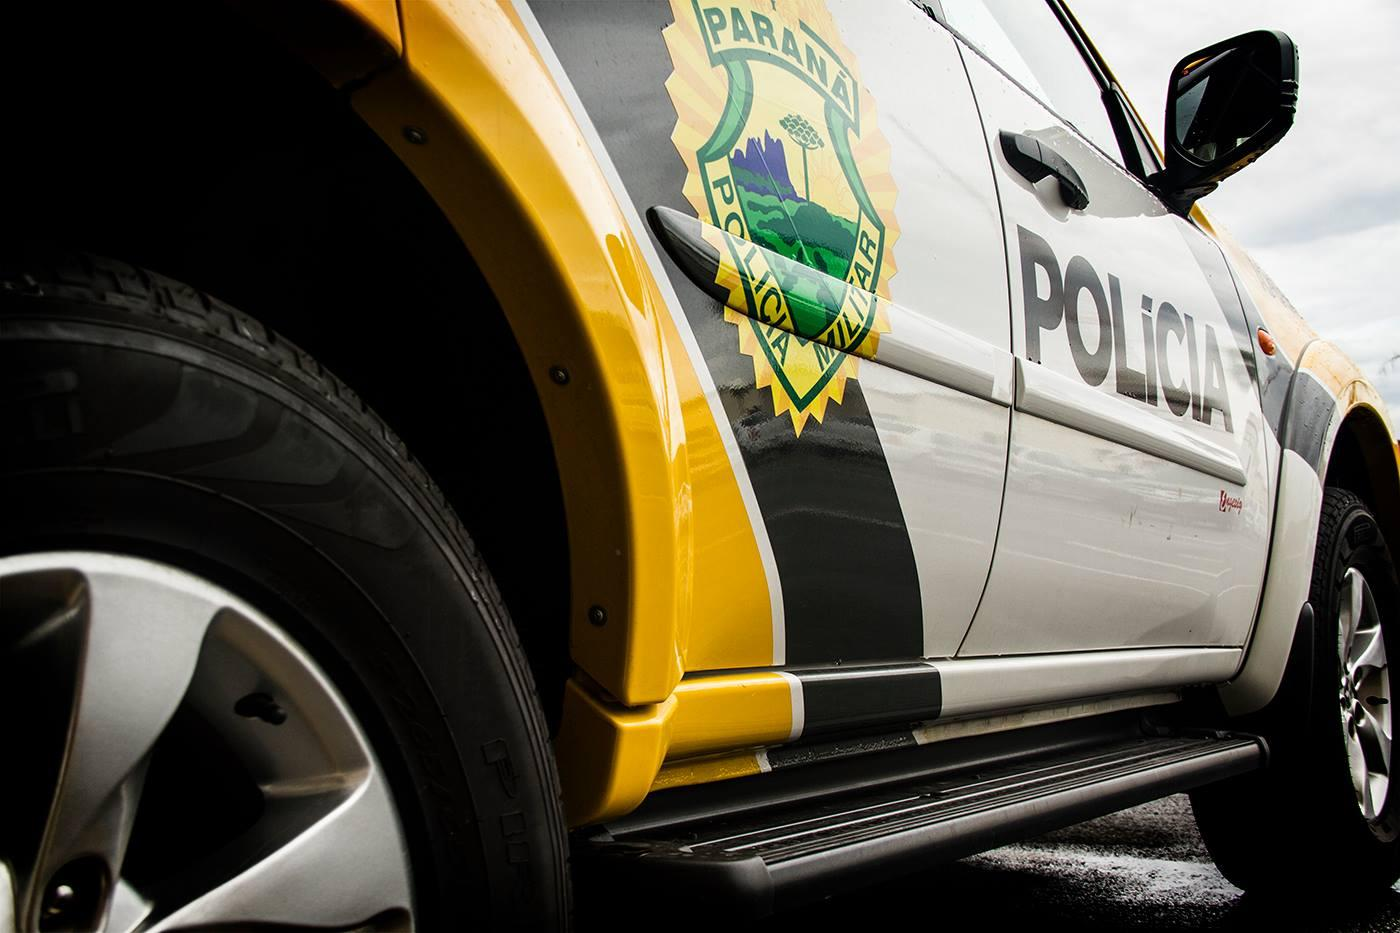 Policia encontra arma de fogo com mulher duranta a madrugada desta segunda, 03, em Laranjeiras do Sul